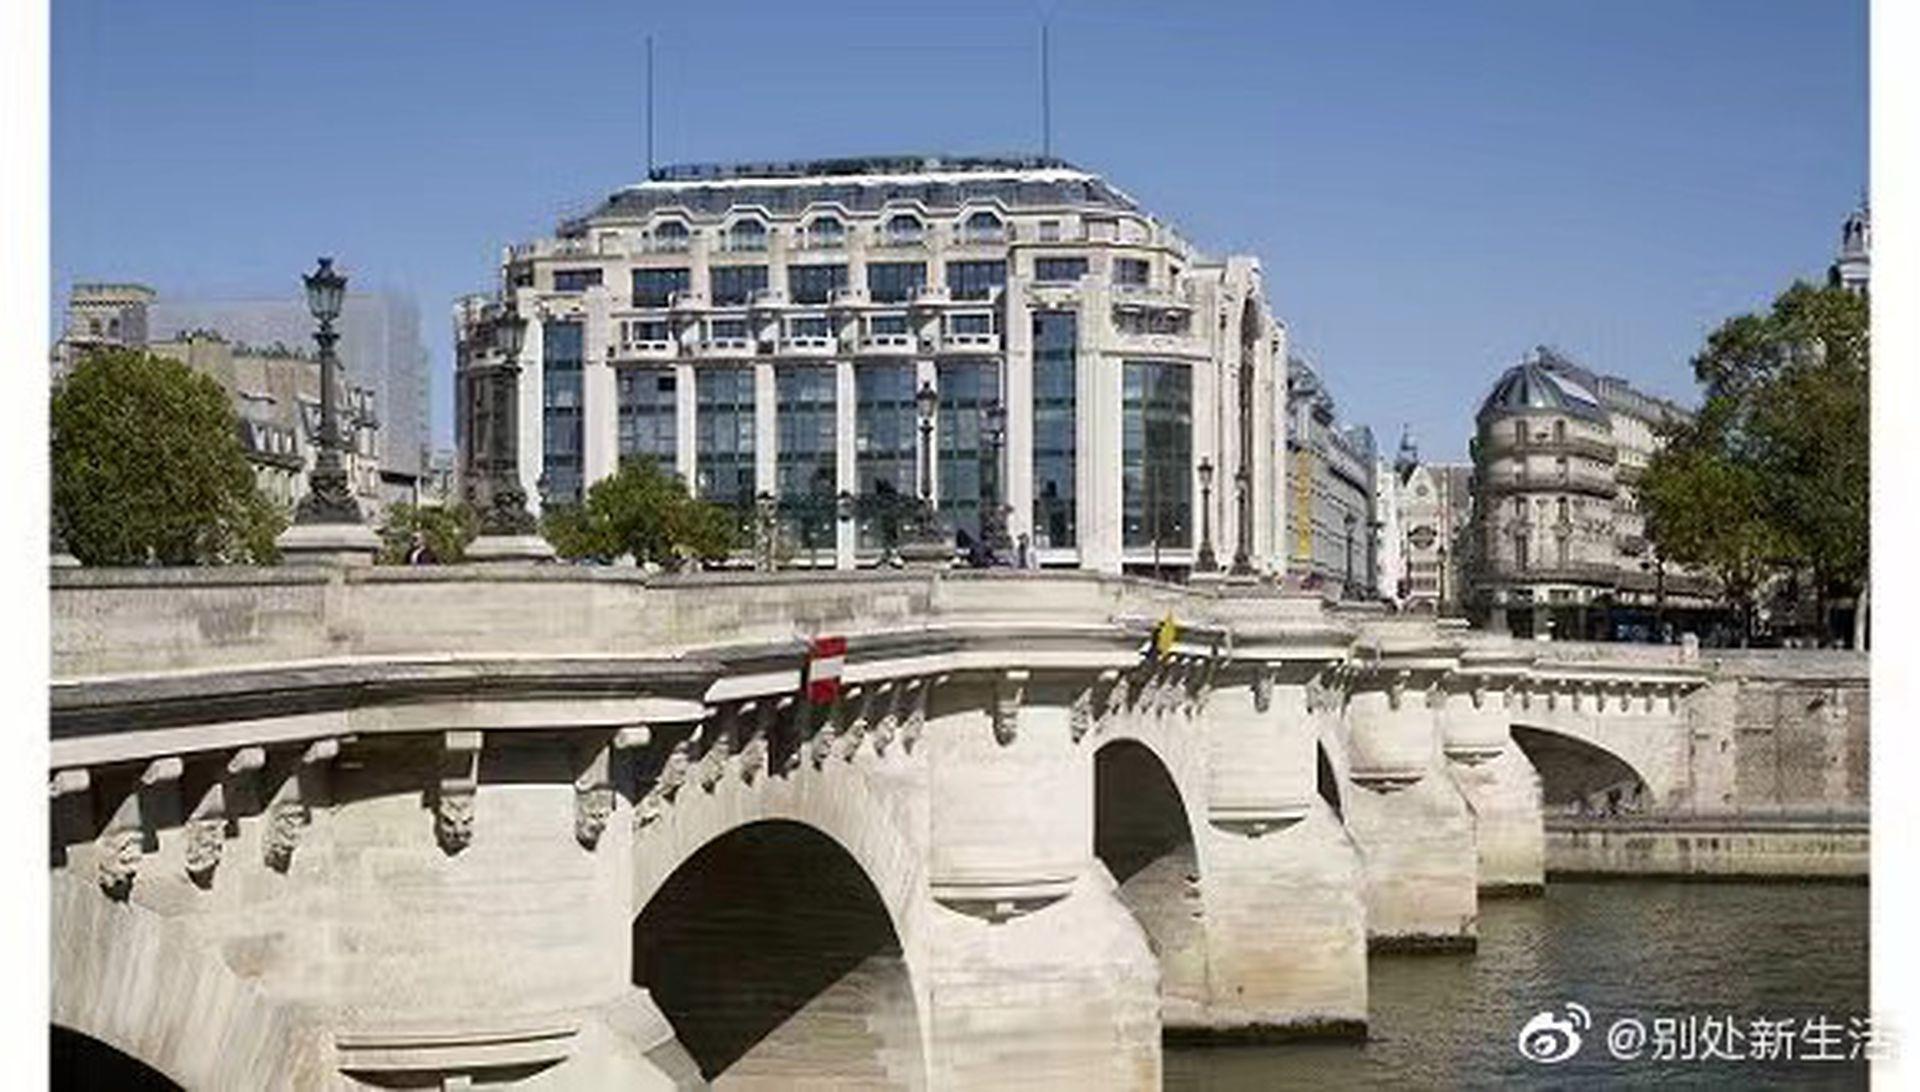 法國著名百貨公司莎瑪麗丹關閉16年後重新營業